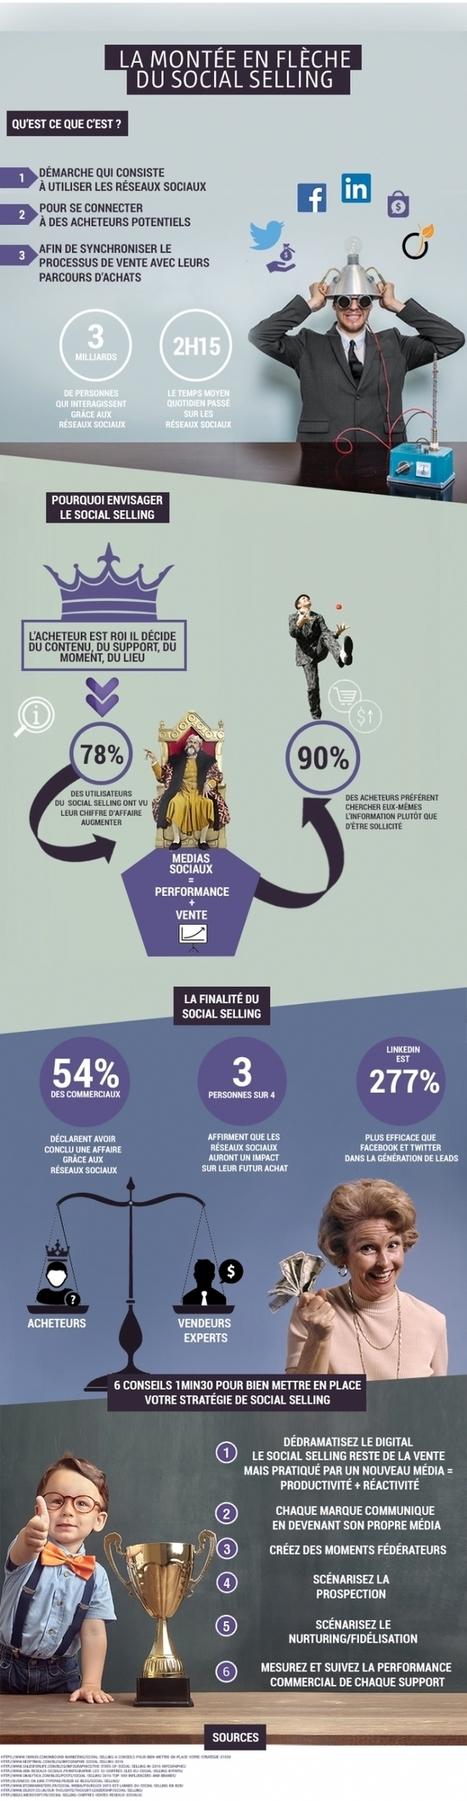 Le social selling, une source de revenus à ne pas négliger   Marketing direct et digital   Scoop.it